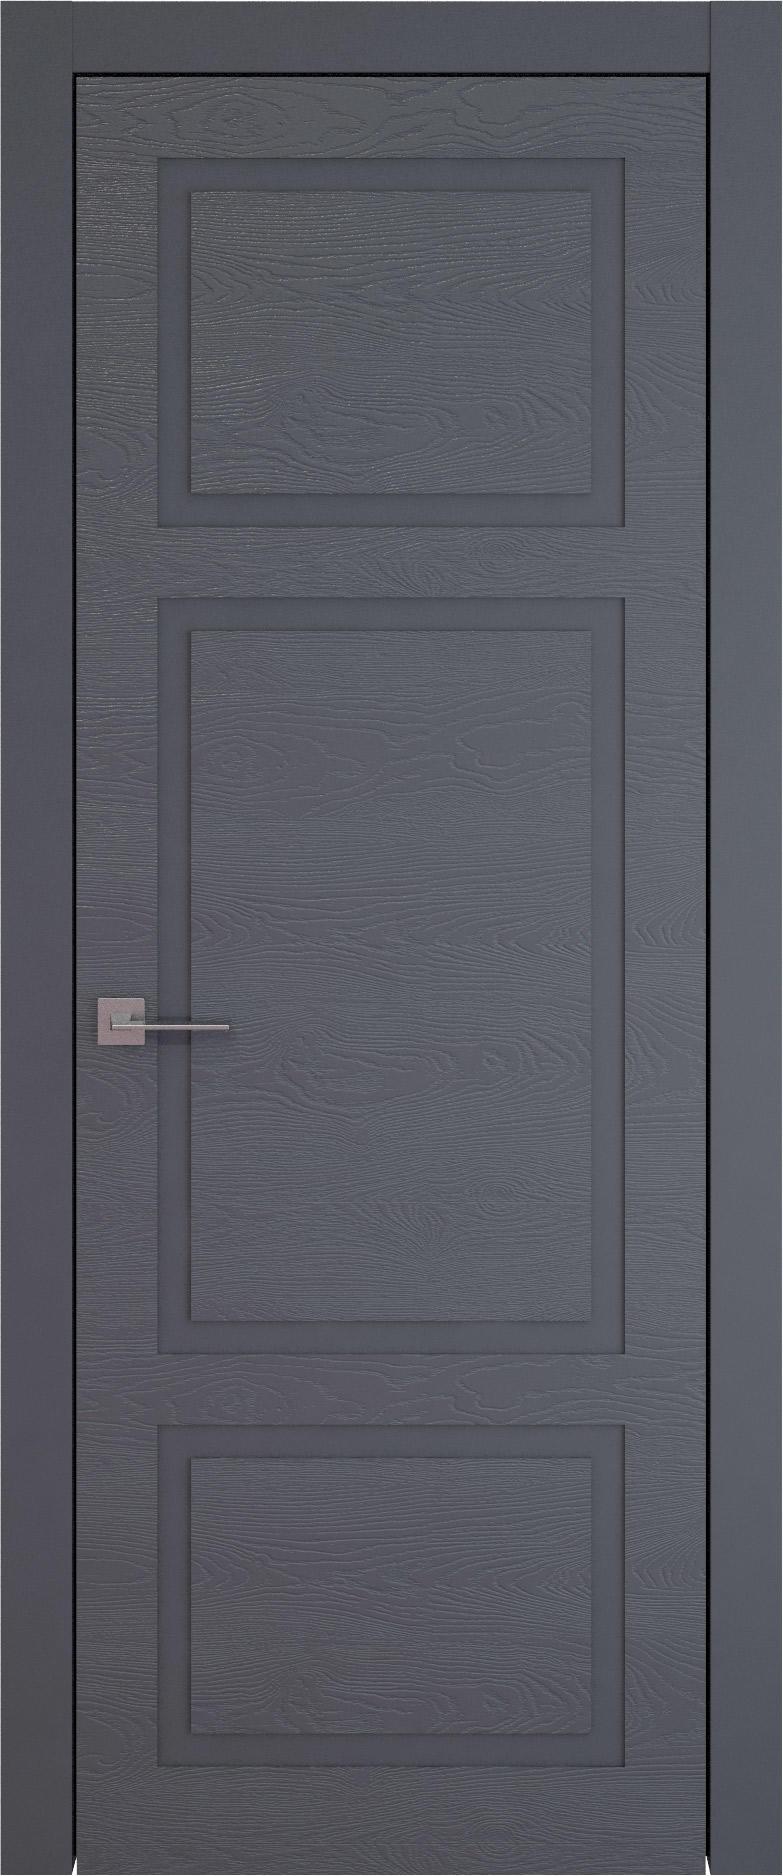 Tivoli К-5 цвет - Графитово-серая эмаль по шпону (RAL 7024) Без стекла (ДГ)